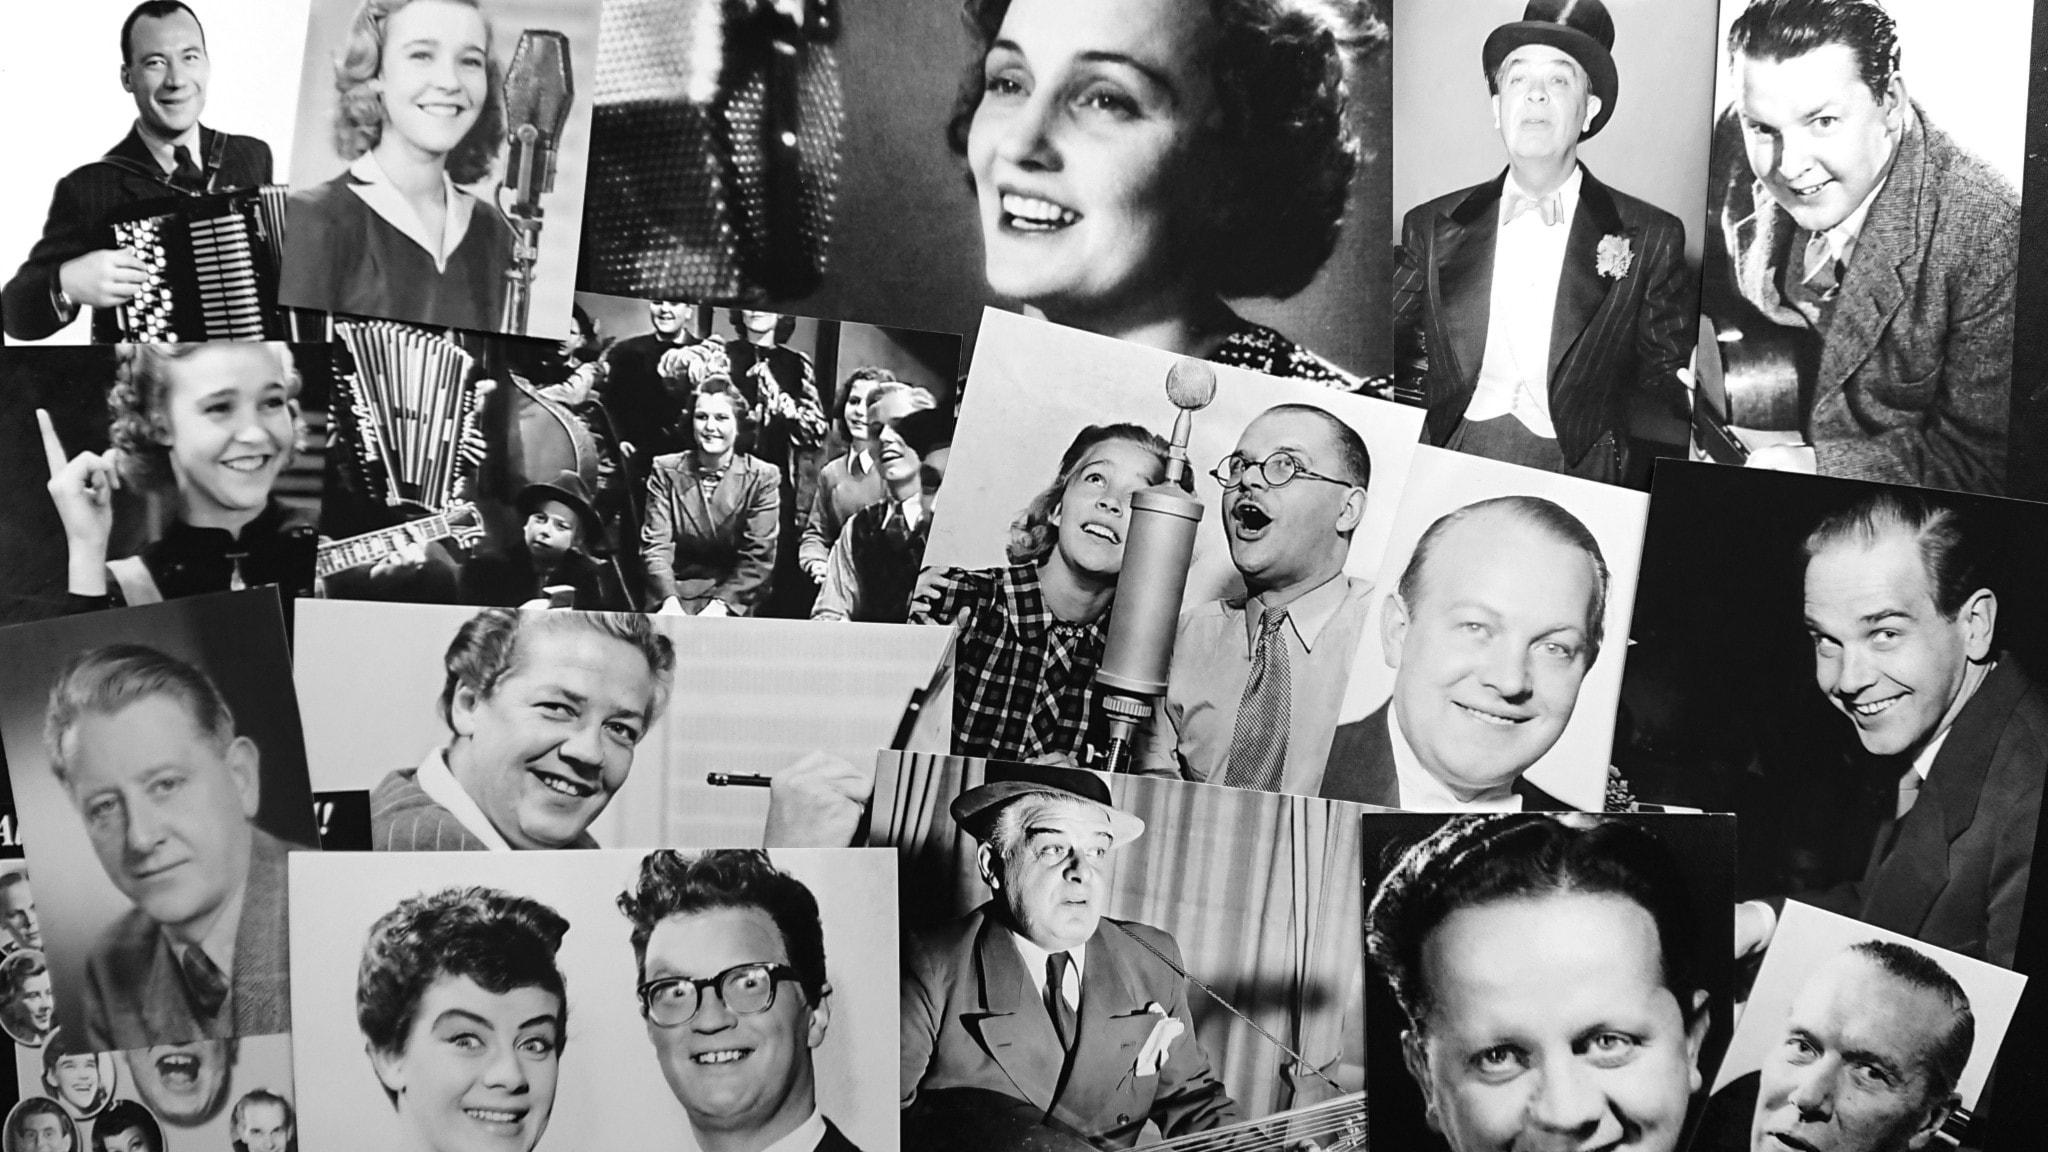 Bilden är ett collage av olika artister som var verksamma på 1940-talet.